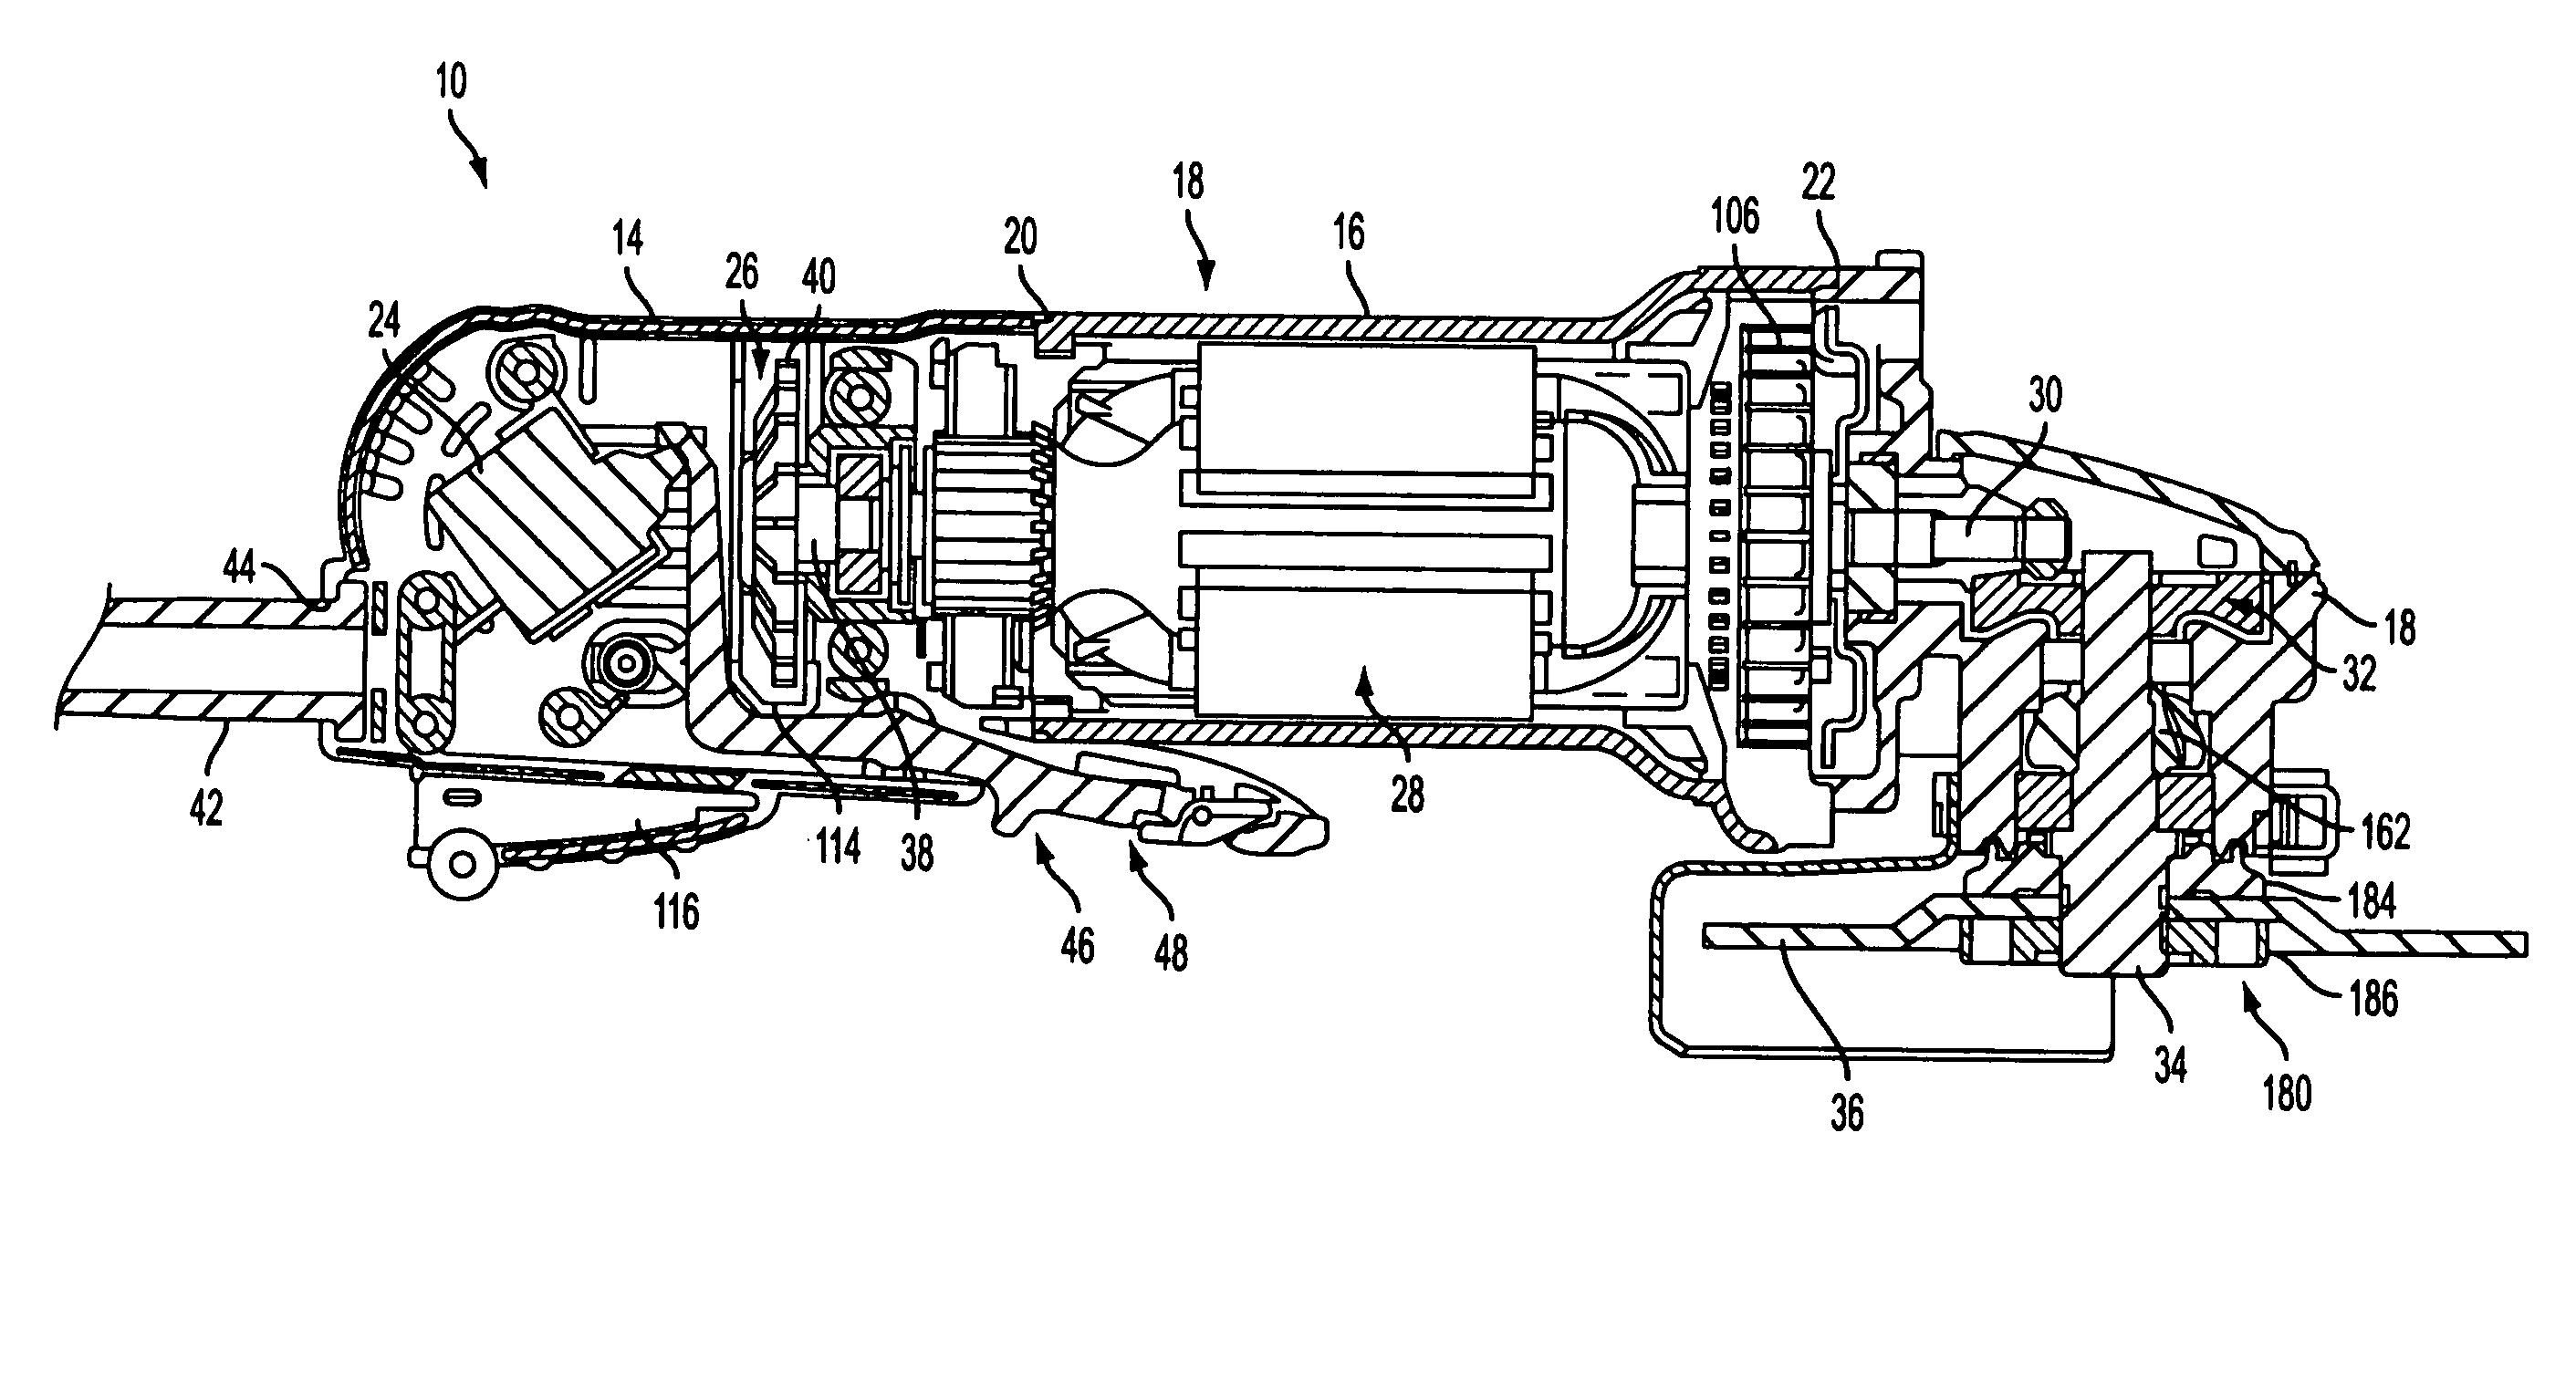 Makita Angle Grinder Parts Diagram